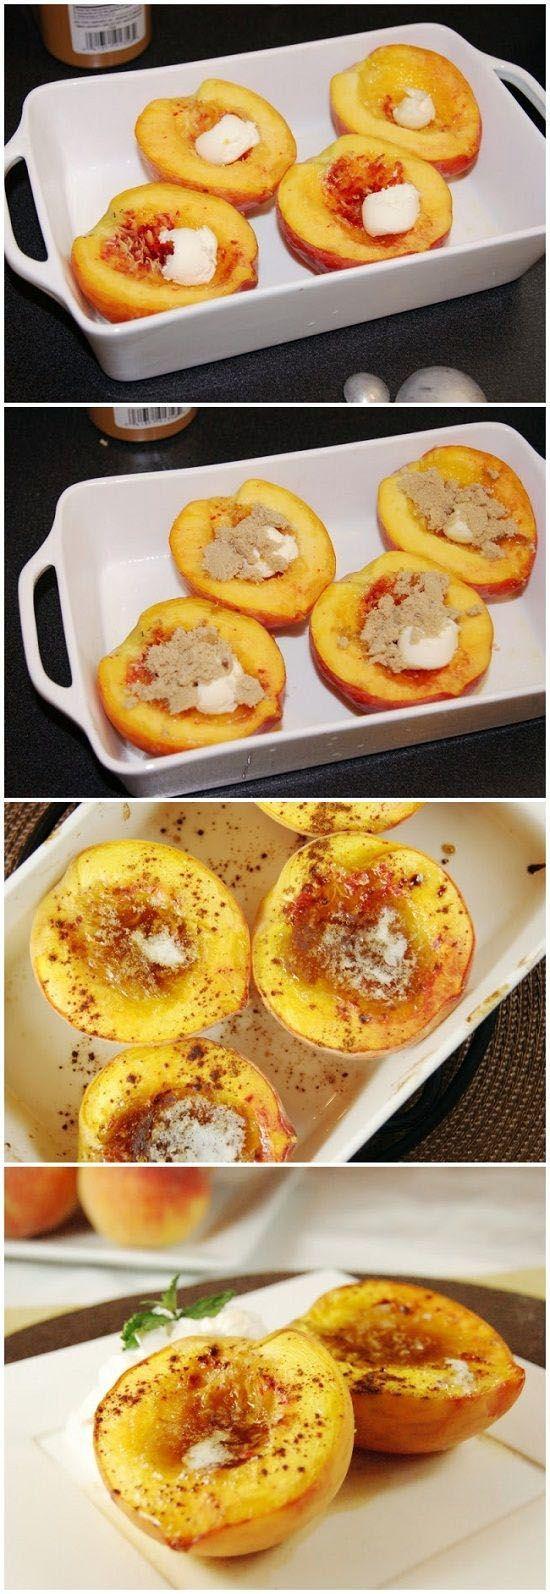 Brown Sugar Baked Peaches | FoodJino